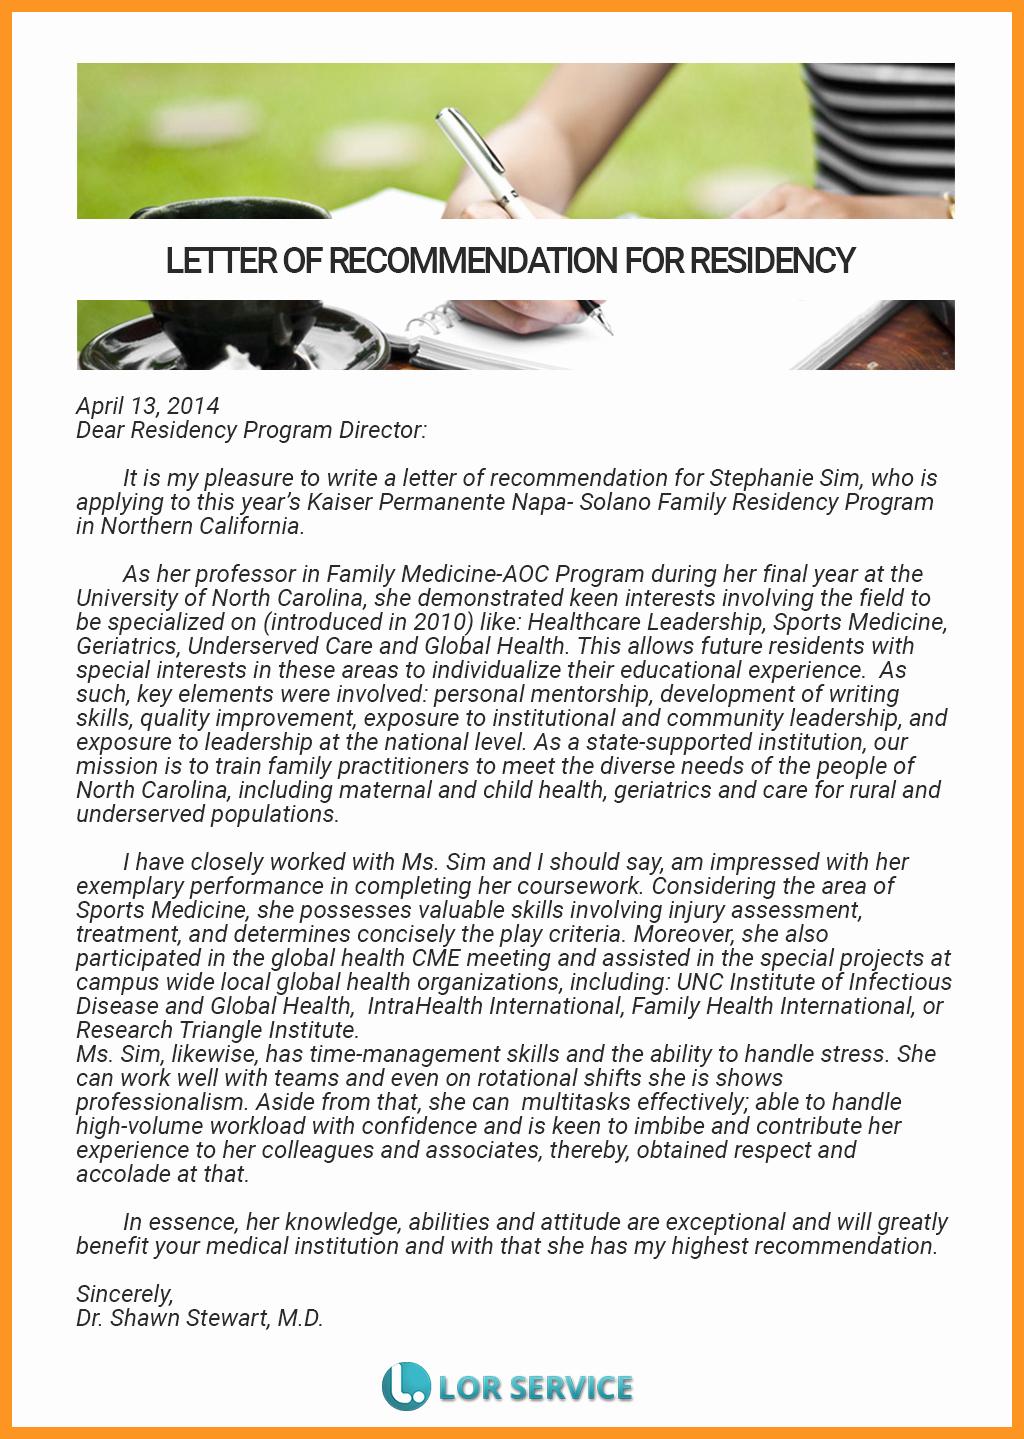 Residency Recommendation Letter Sample Inspirational Re Mendation Letter for Residency